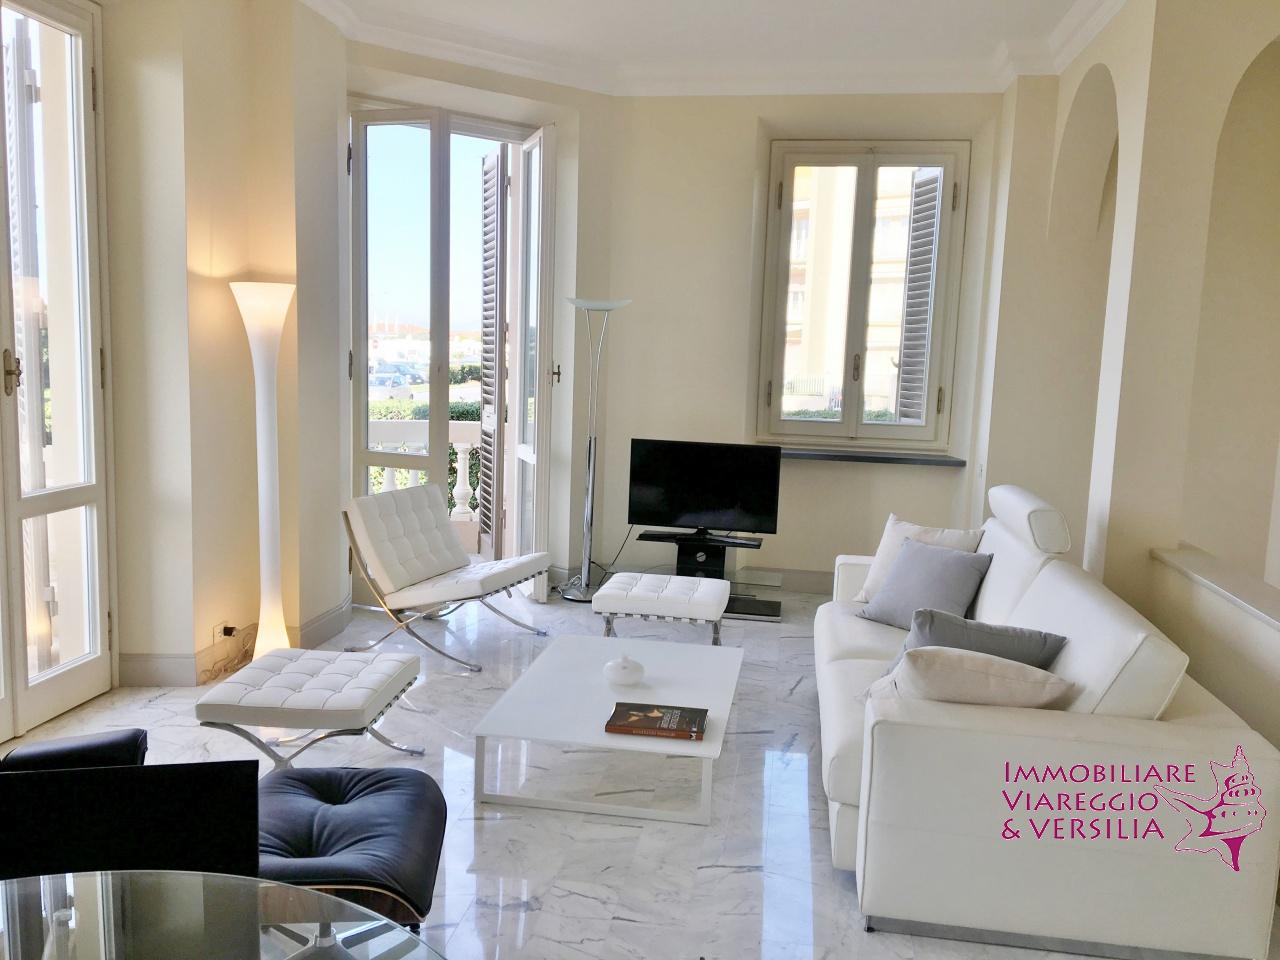 appartamento in affitto a viareggio centro mare rif:af-inv56